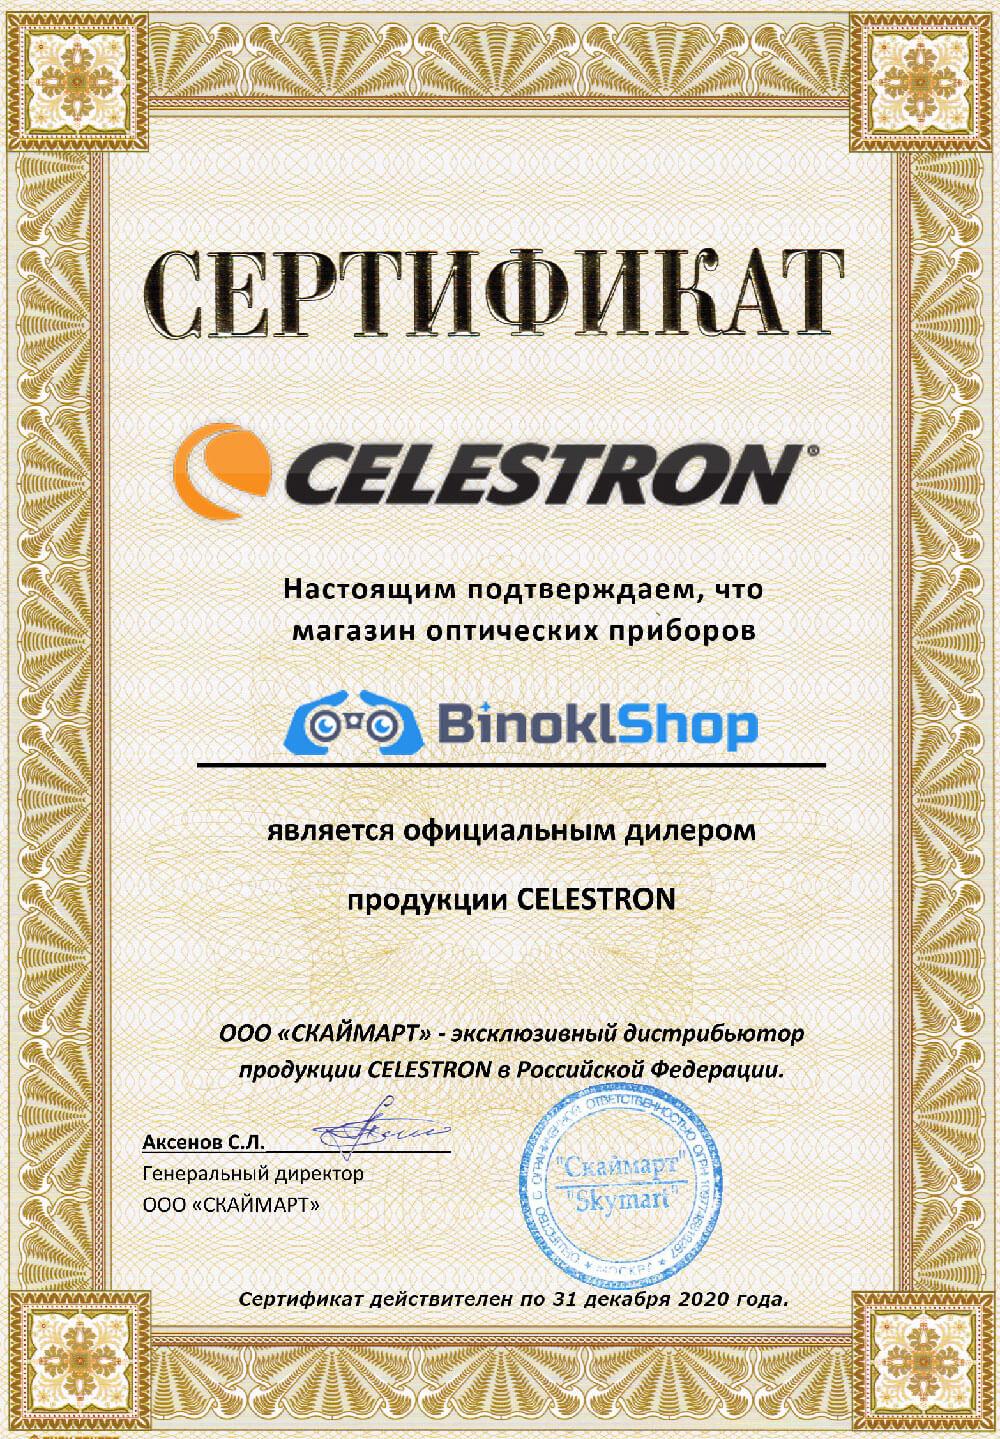 Сертификат официального дилера Celestron